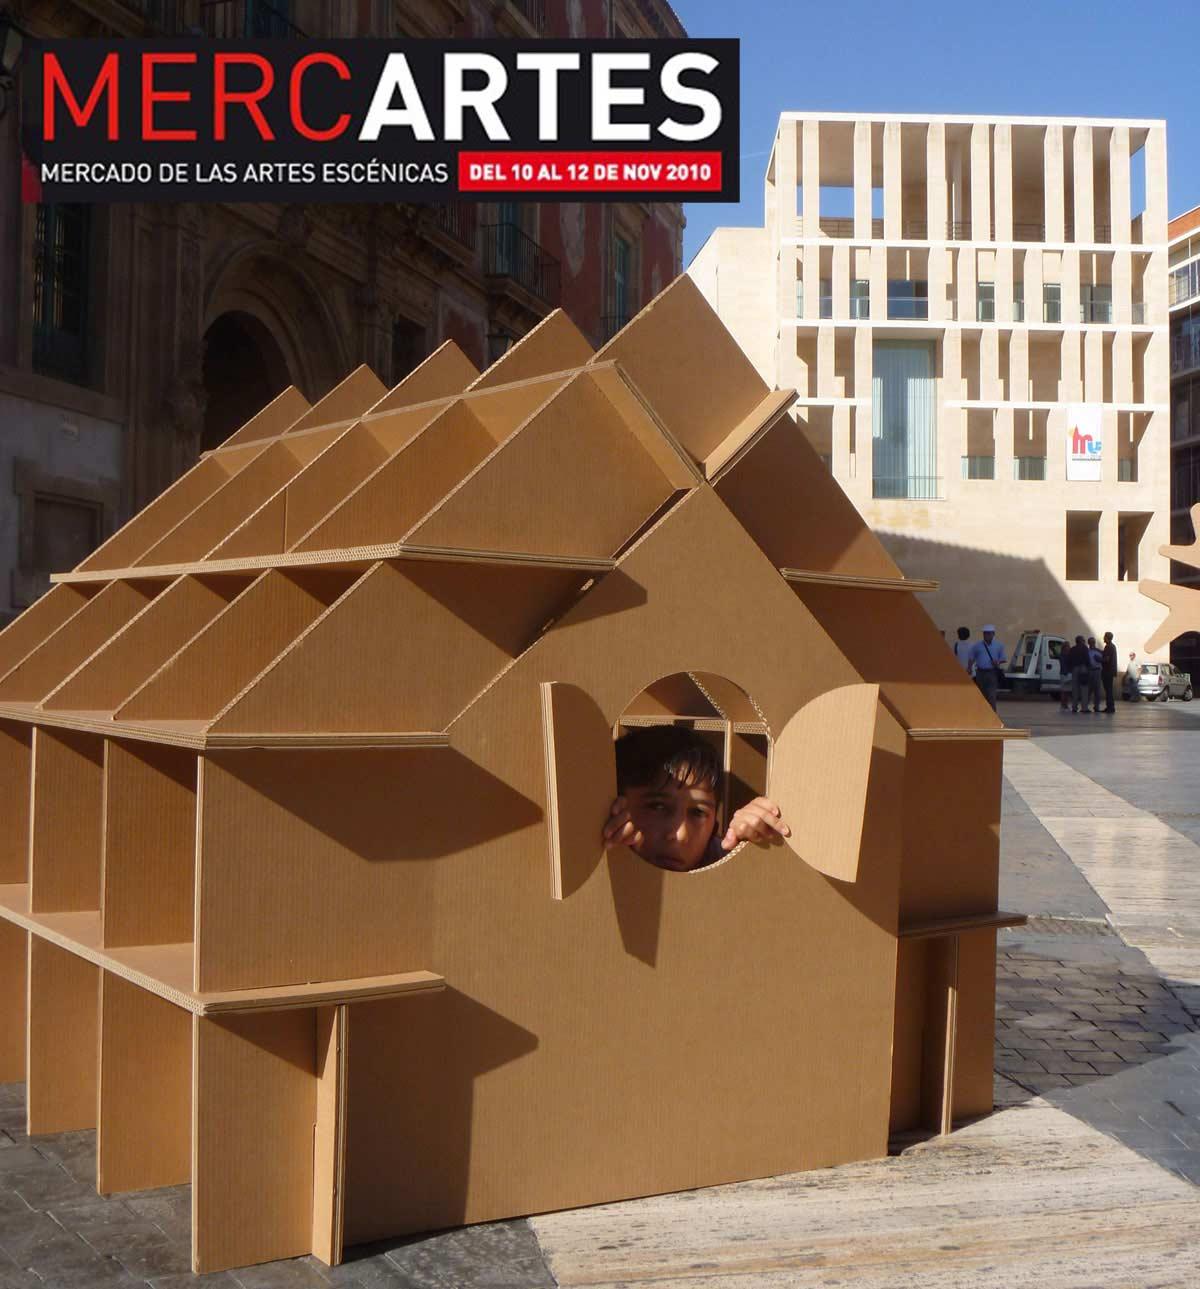 mercartes-carton-cartonboard-cartonlab